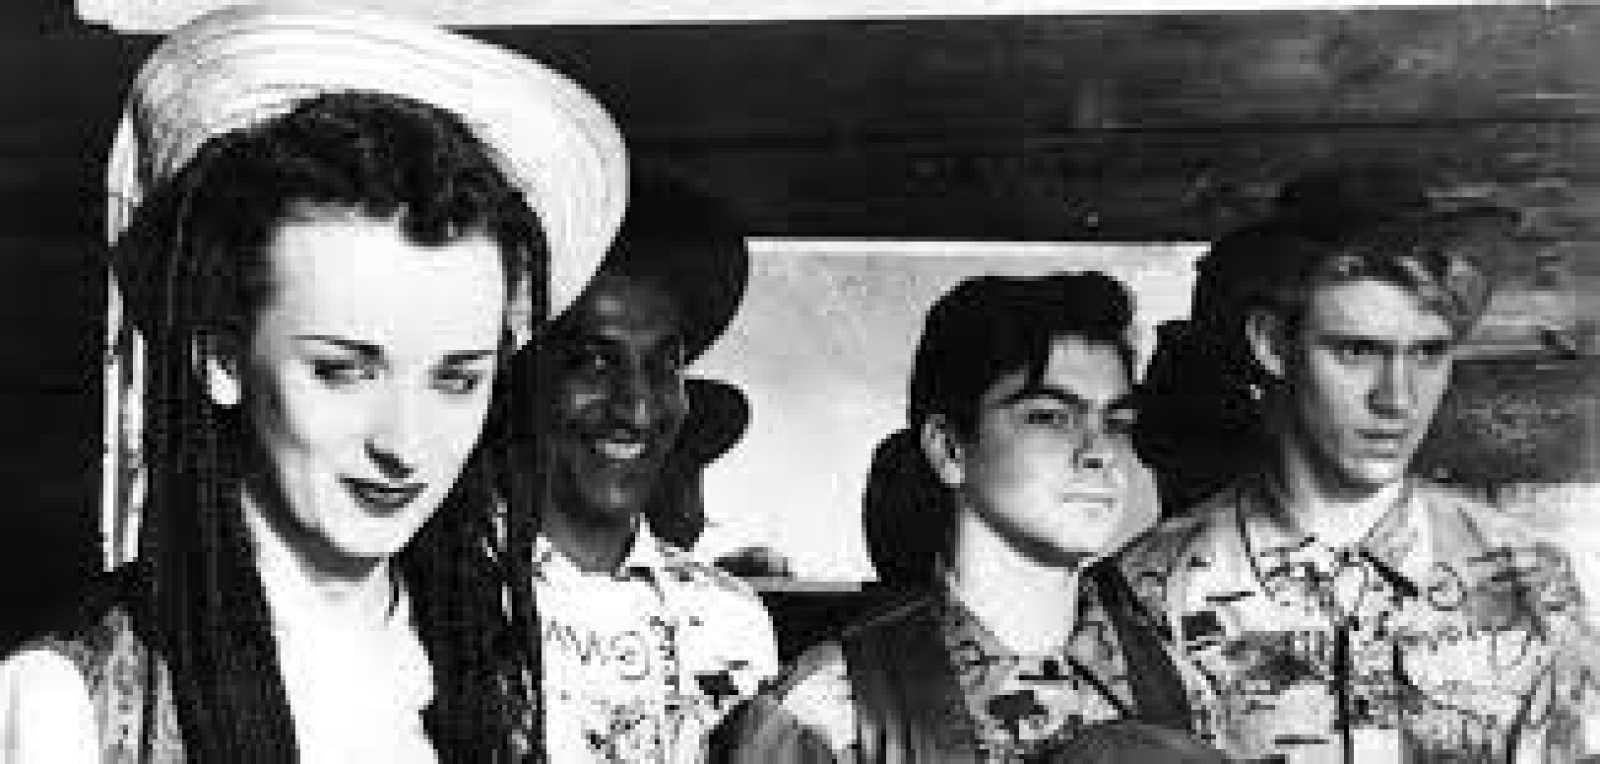 Disco grande - La vida de Boy George y la dulzura de Camera Obscura - 22/04/21 - escuchar ahora